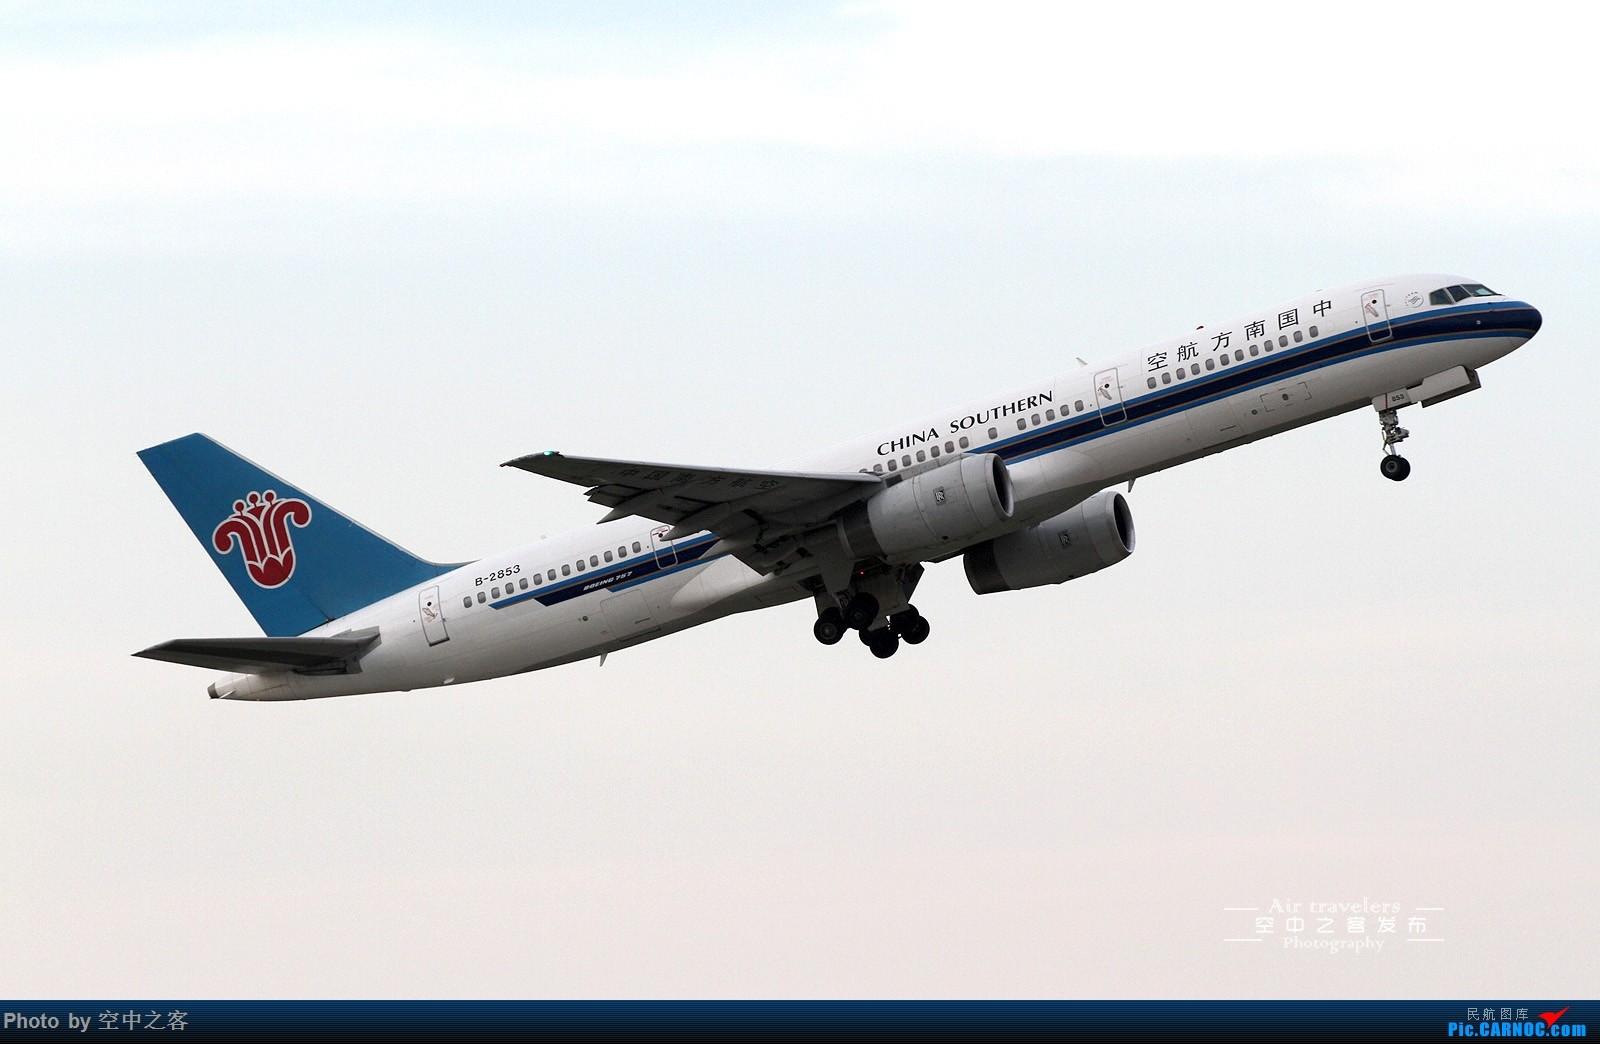 Re:[原创][合肥飞友会·霸都打机队]空中之客发布 新机场A5拍机位草都长一人高了 拍拍拉起 BOEING 757-200 B-2853 合肥新桥国际机场